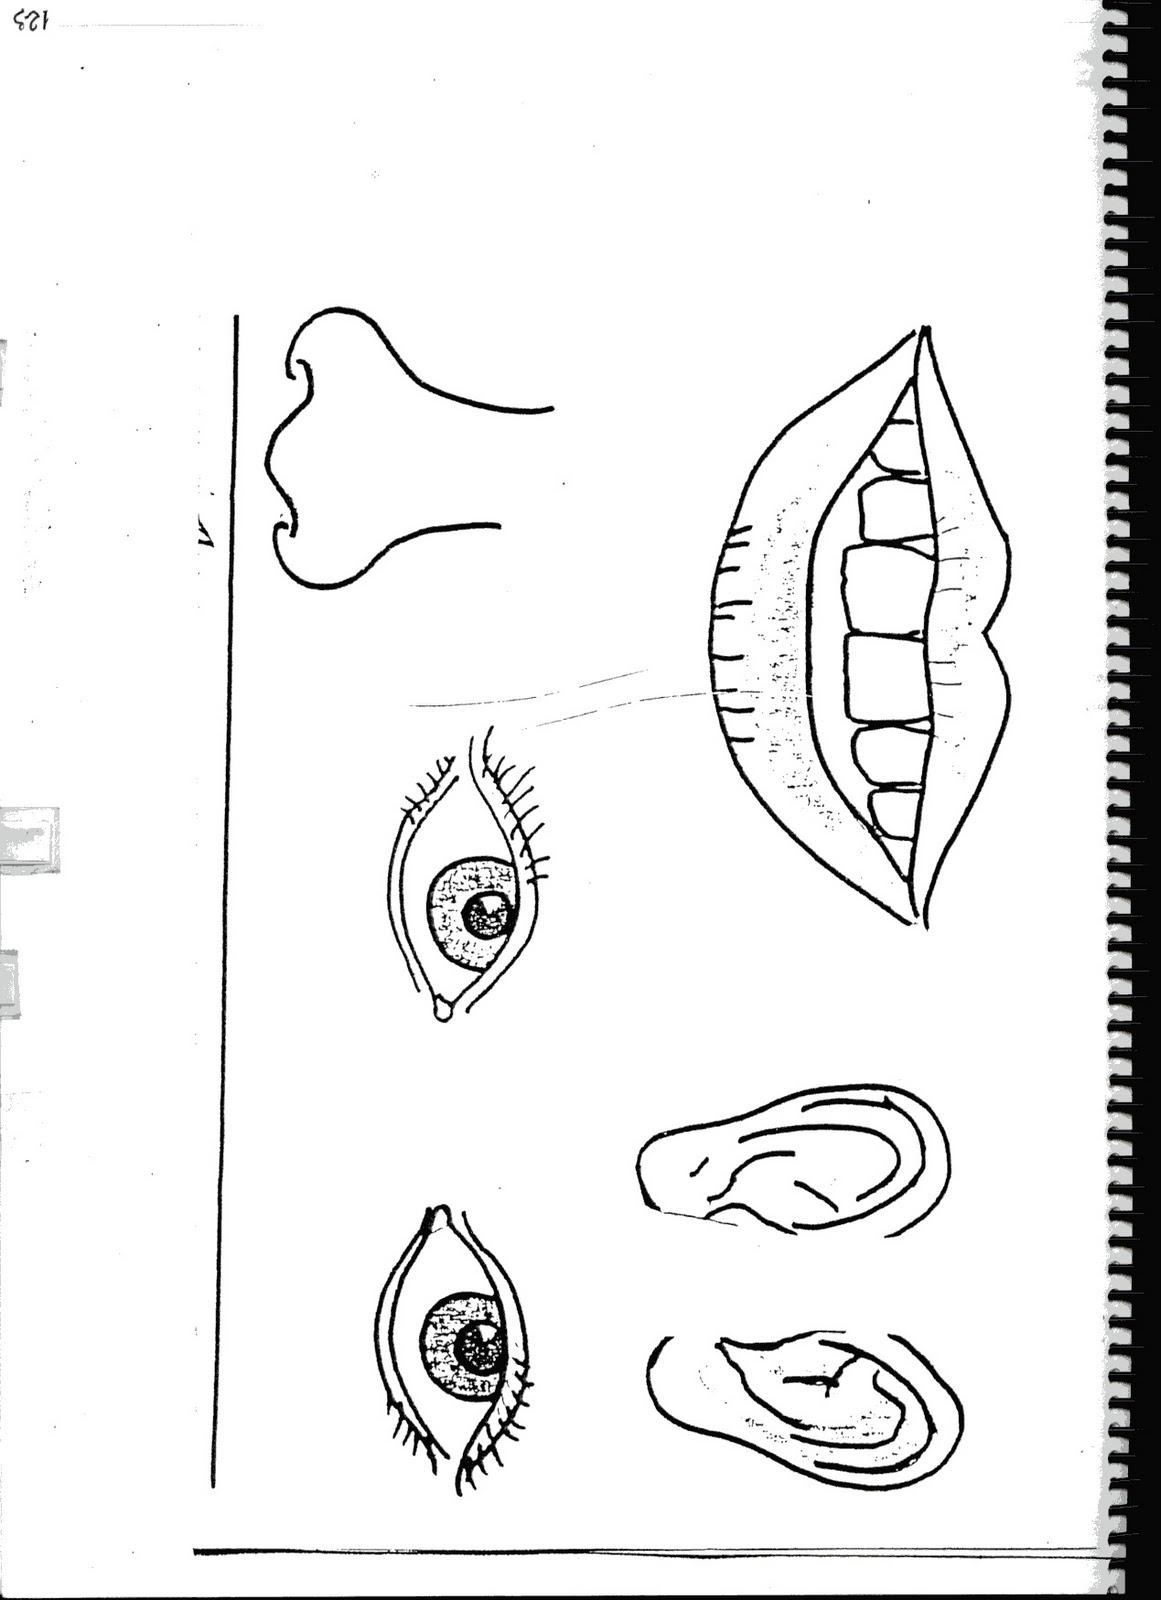 Fichas de inglés: Ficha Face 8: Make a face